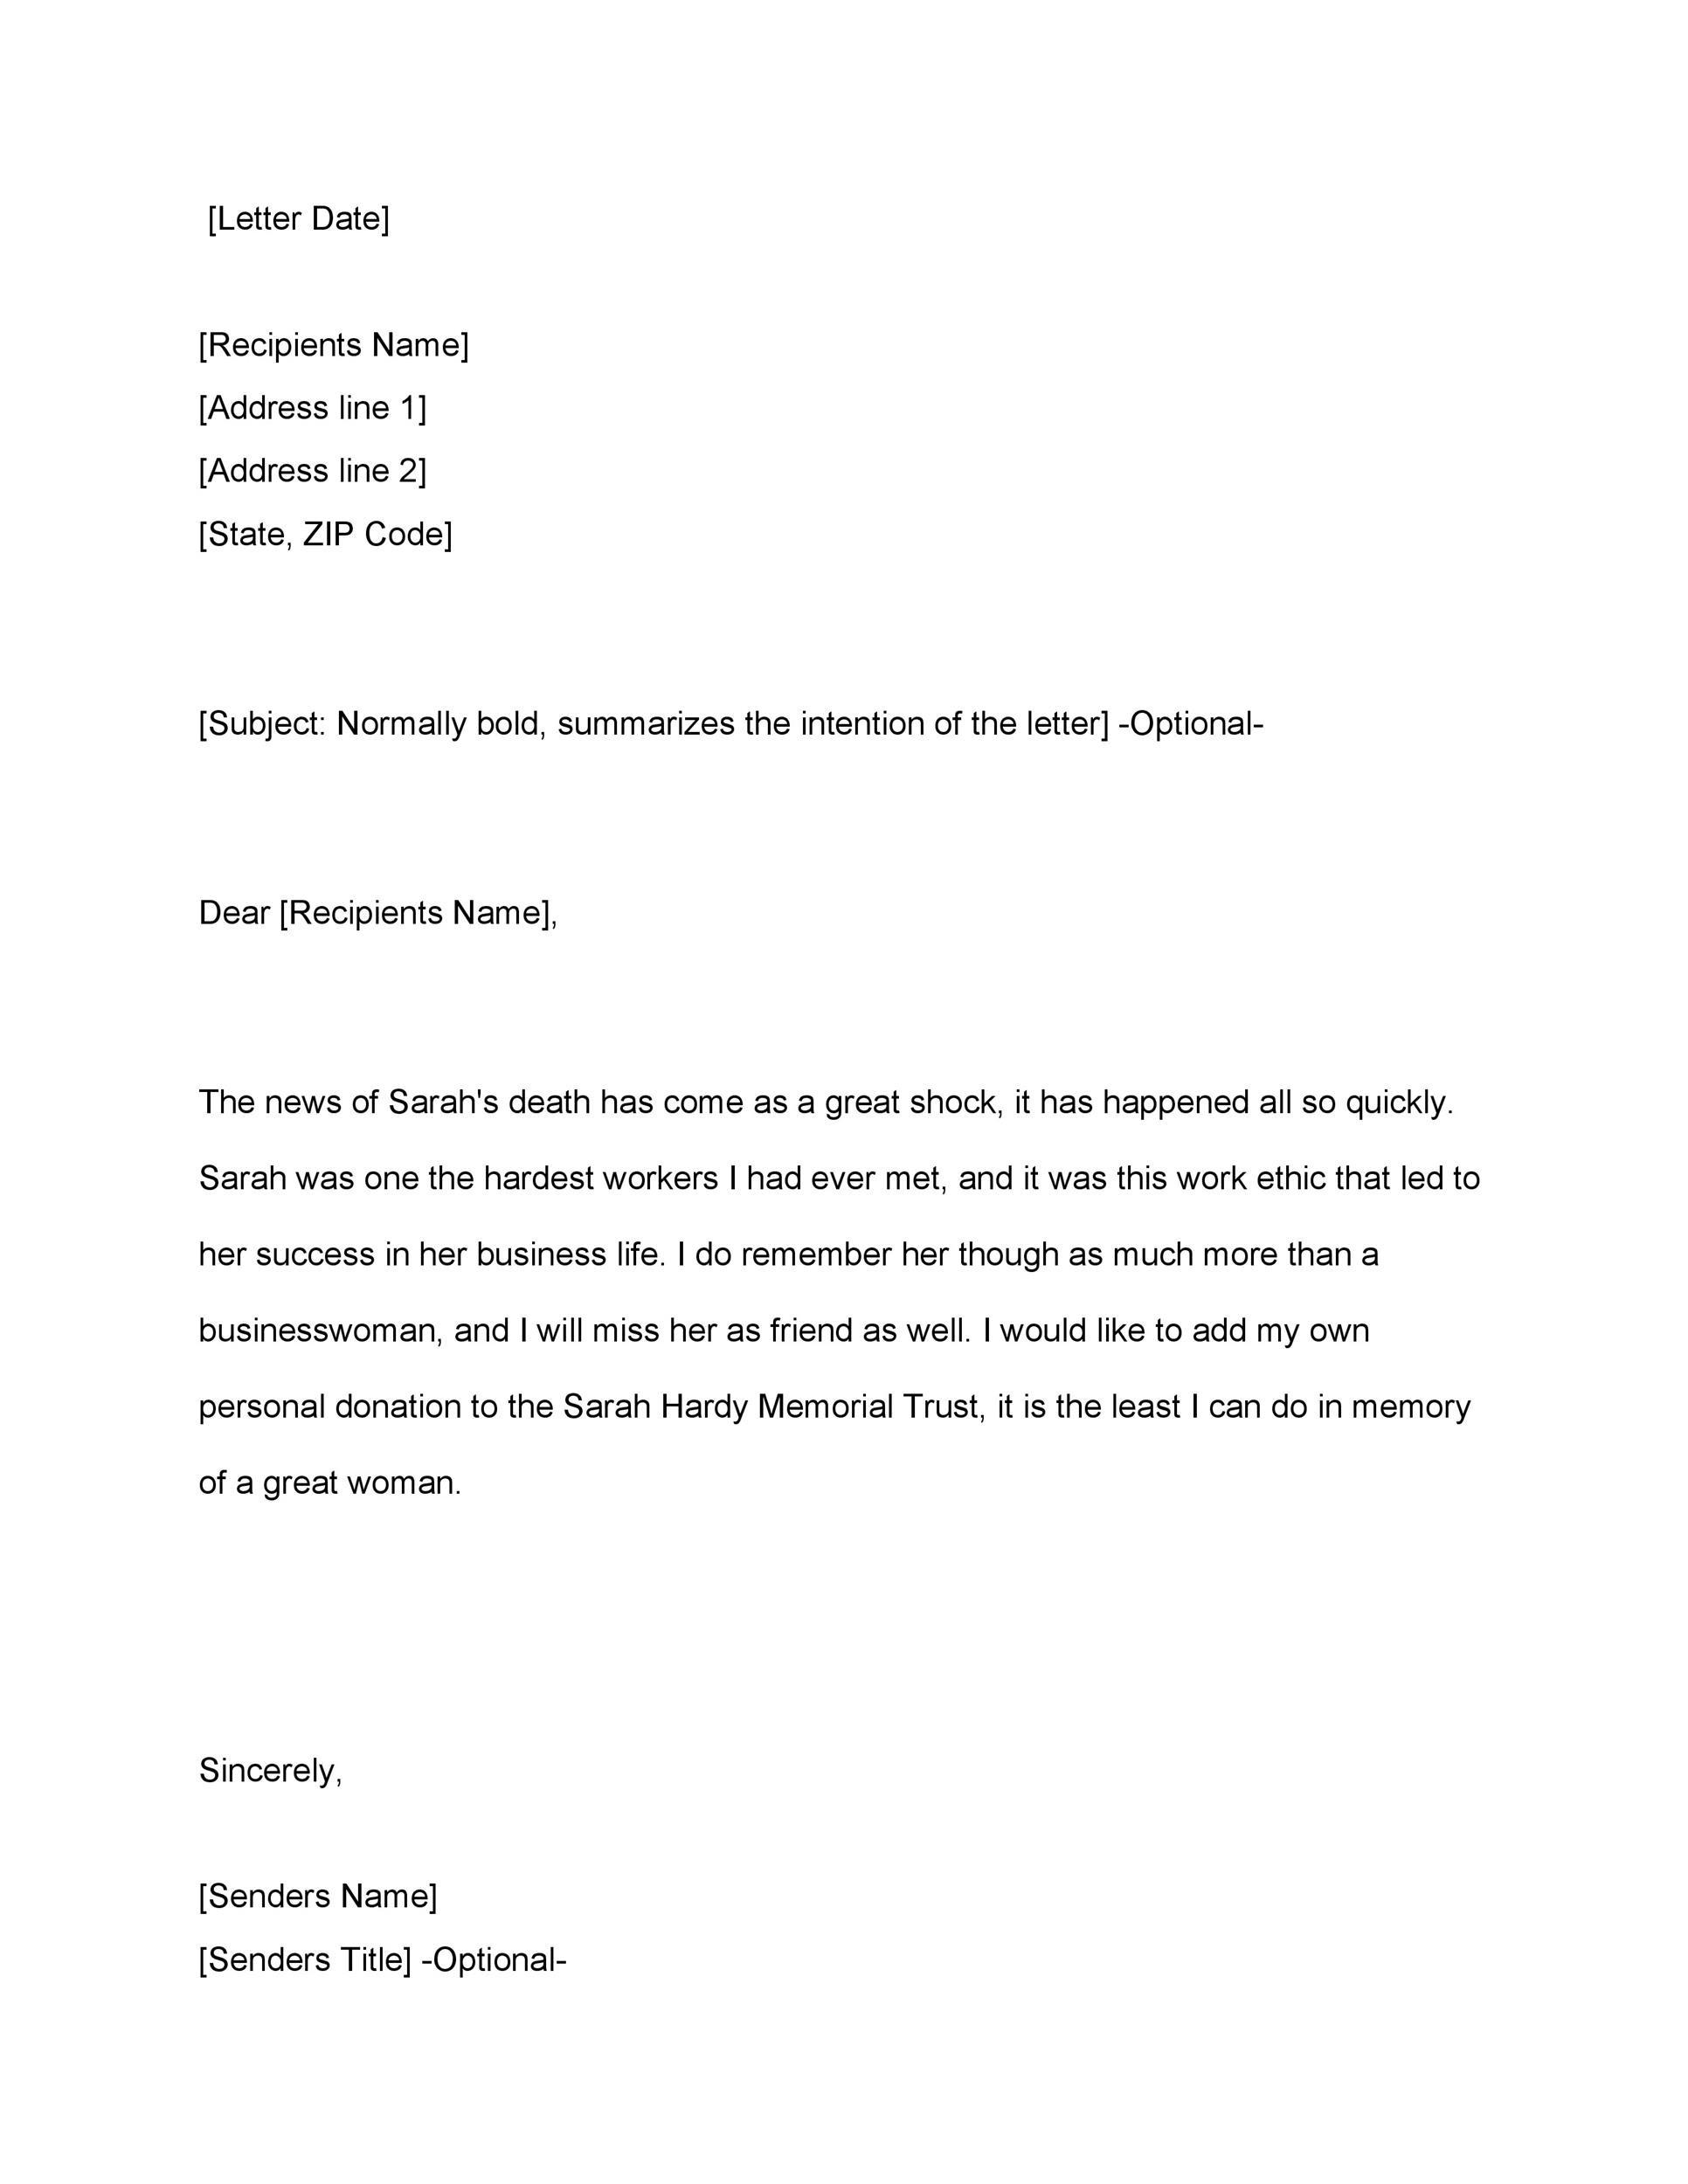 الحوت الأزرق وحش لفة short condolence message to client